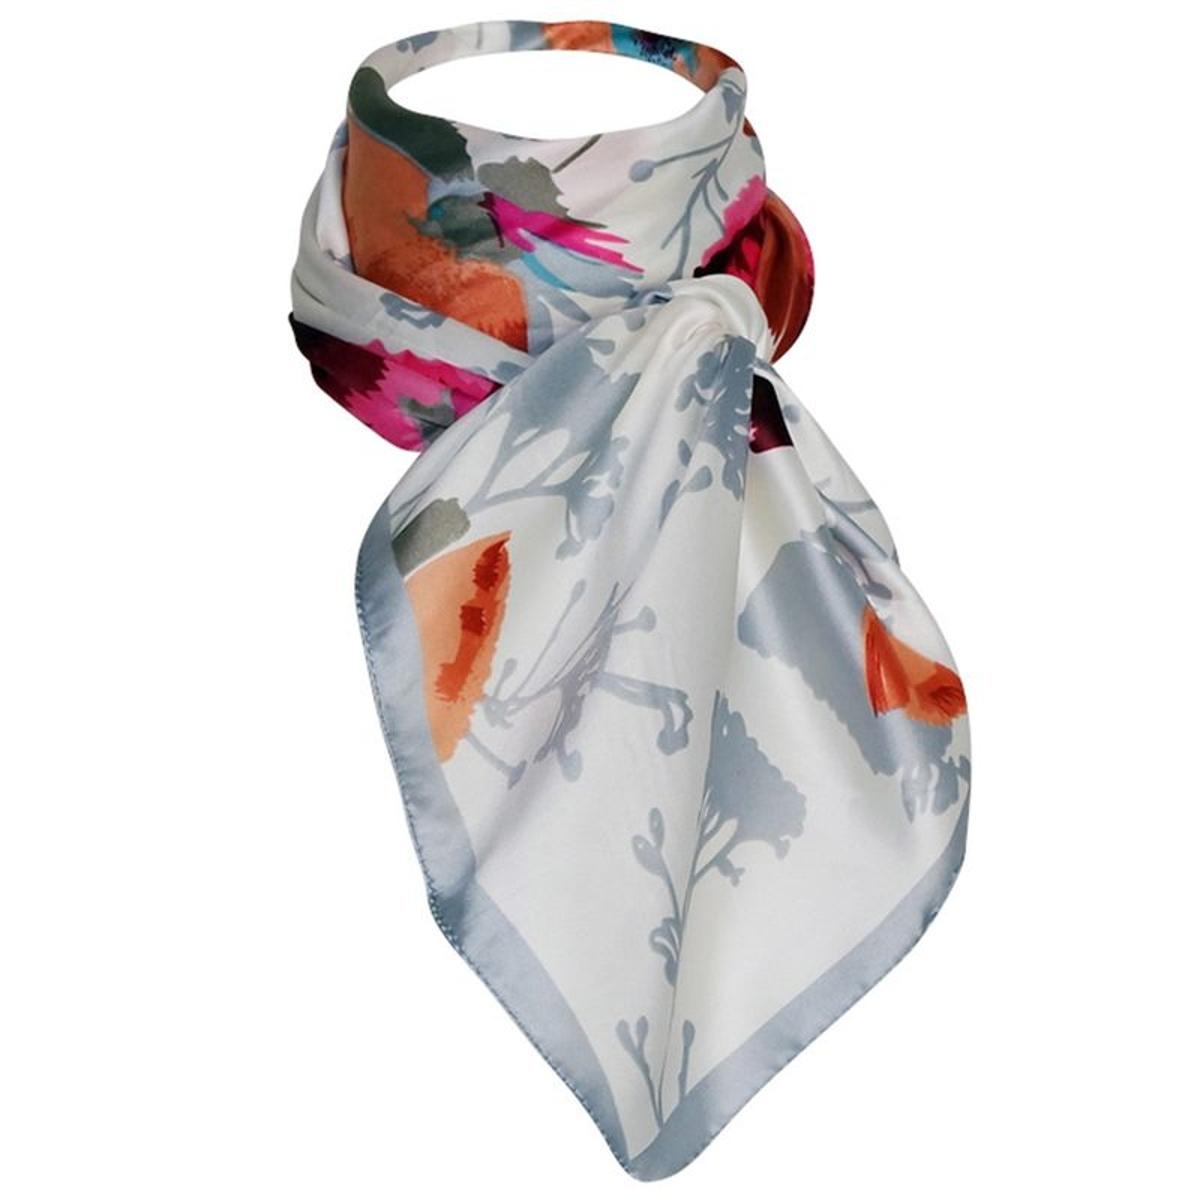 ddec5fa1549c CHAPEAU-TENDANCE grand foulard en soie printanier Caleen